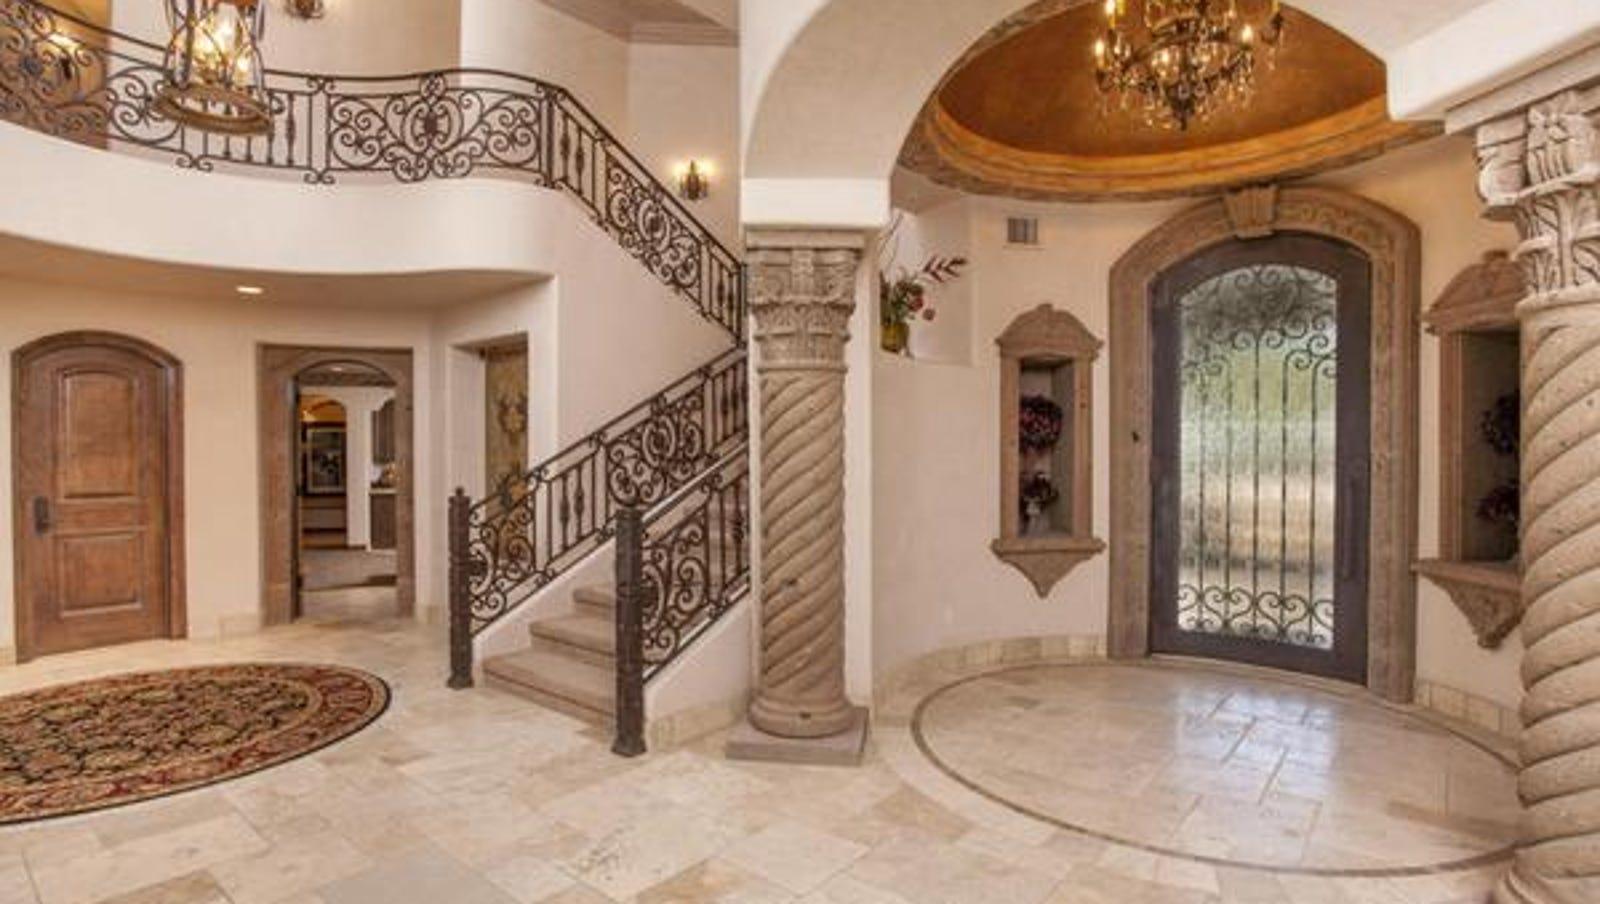 Luxury homes 3m pv mansion has ornate stone lap pool